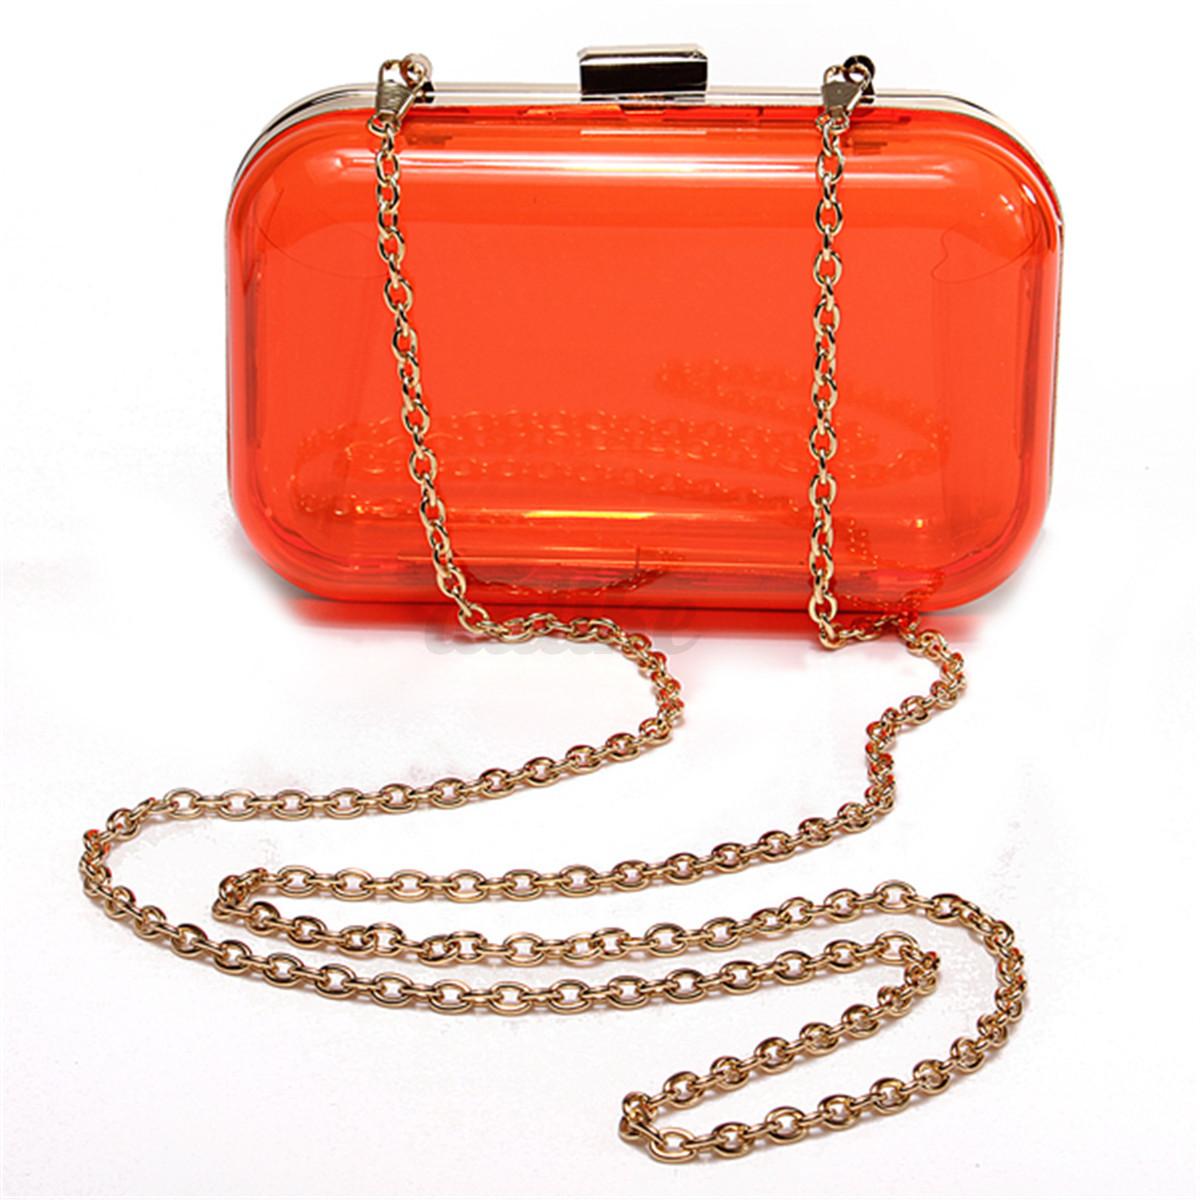 Transparent Acrylic Perspex Women Clutch Box Purse Evening Handbag Shoulder Bag